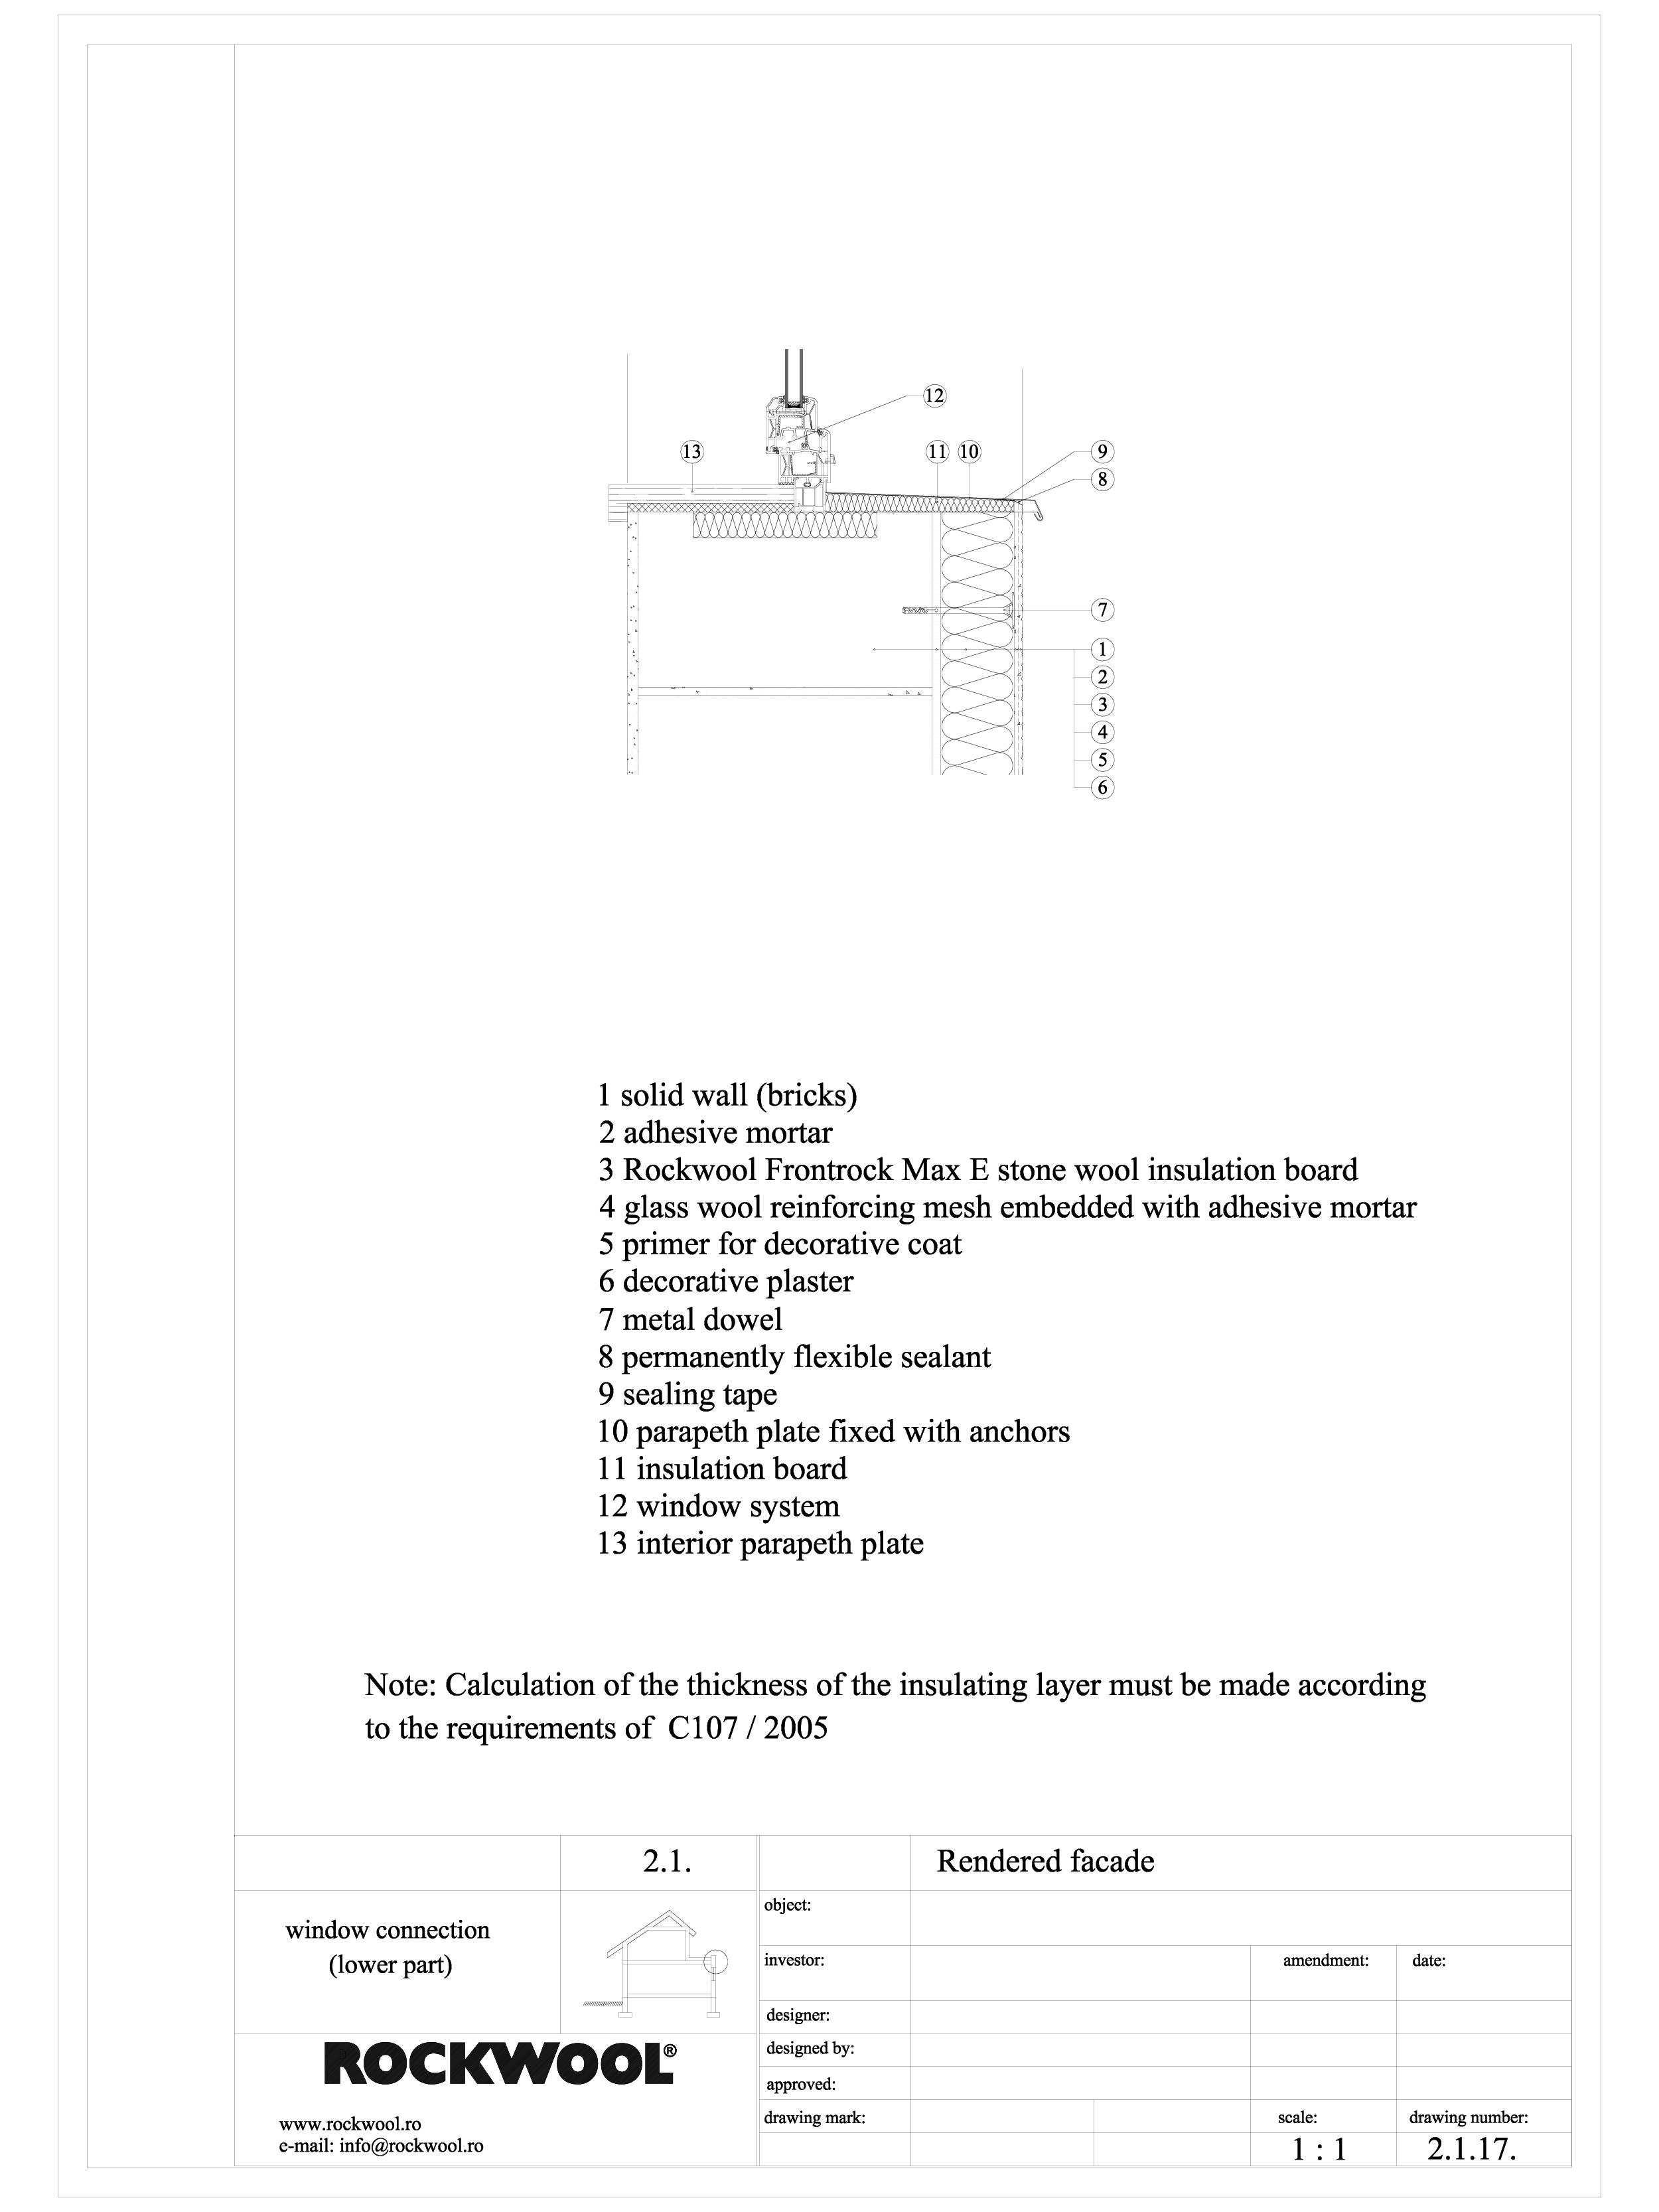 Termoizolarea fatadelor tencuite - detaliu de racod cu sectiune parte inferioara ROCKWOOL Termoizolatie vata bazaltica pentru fatade ventilate ROCKWOOL ROMANIA  - Pagina 1